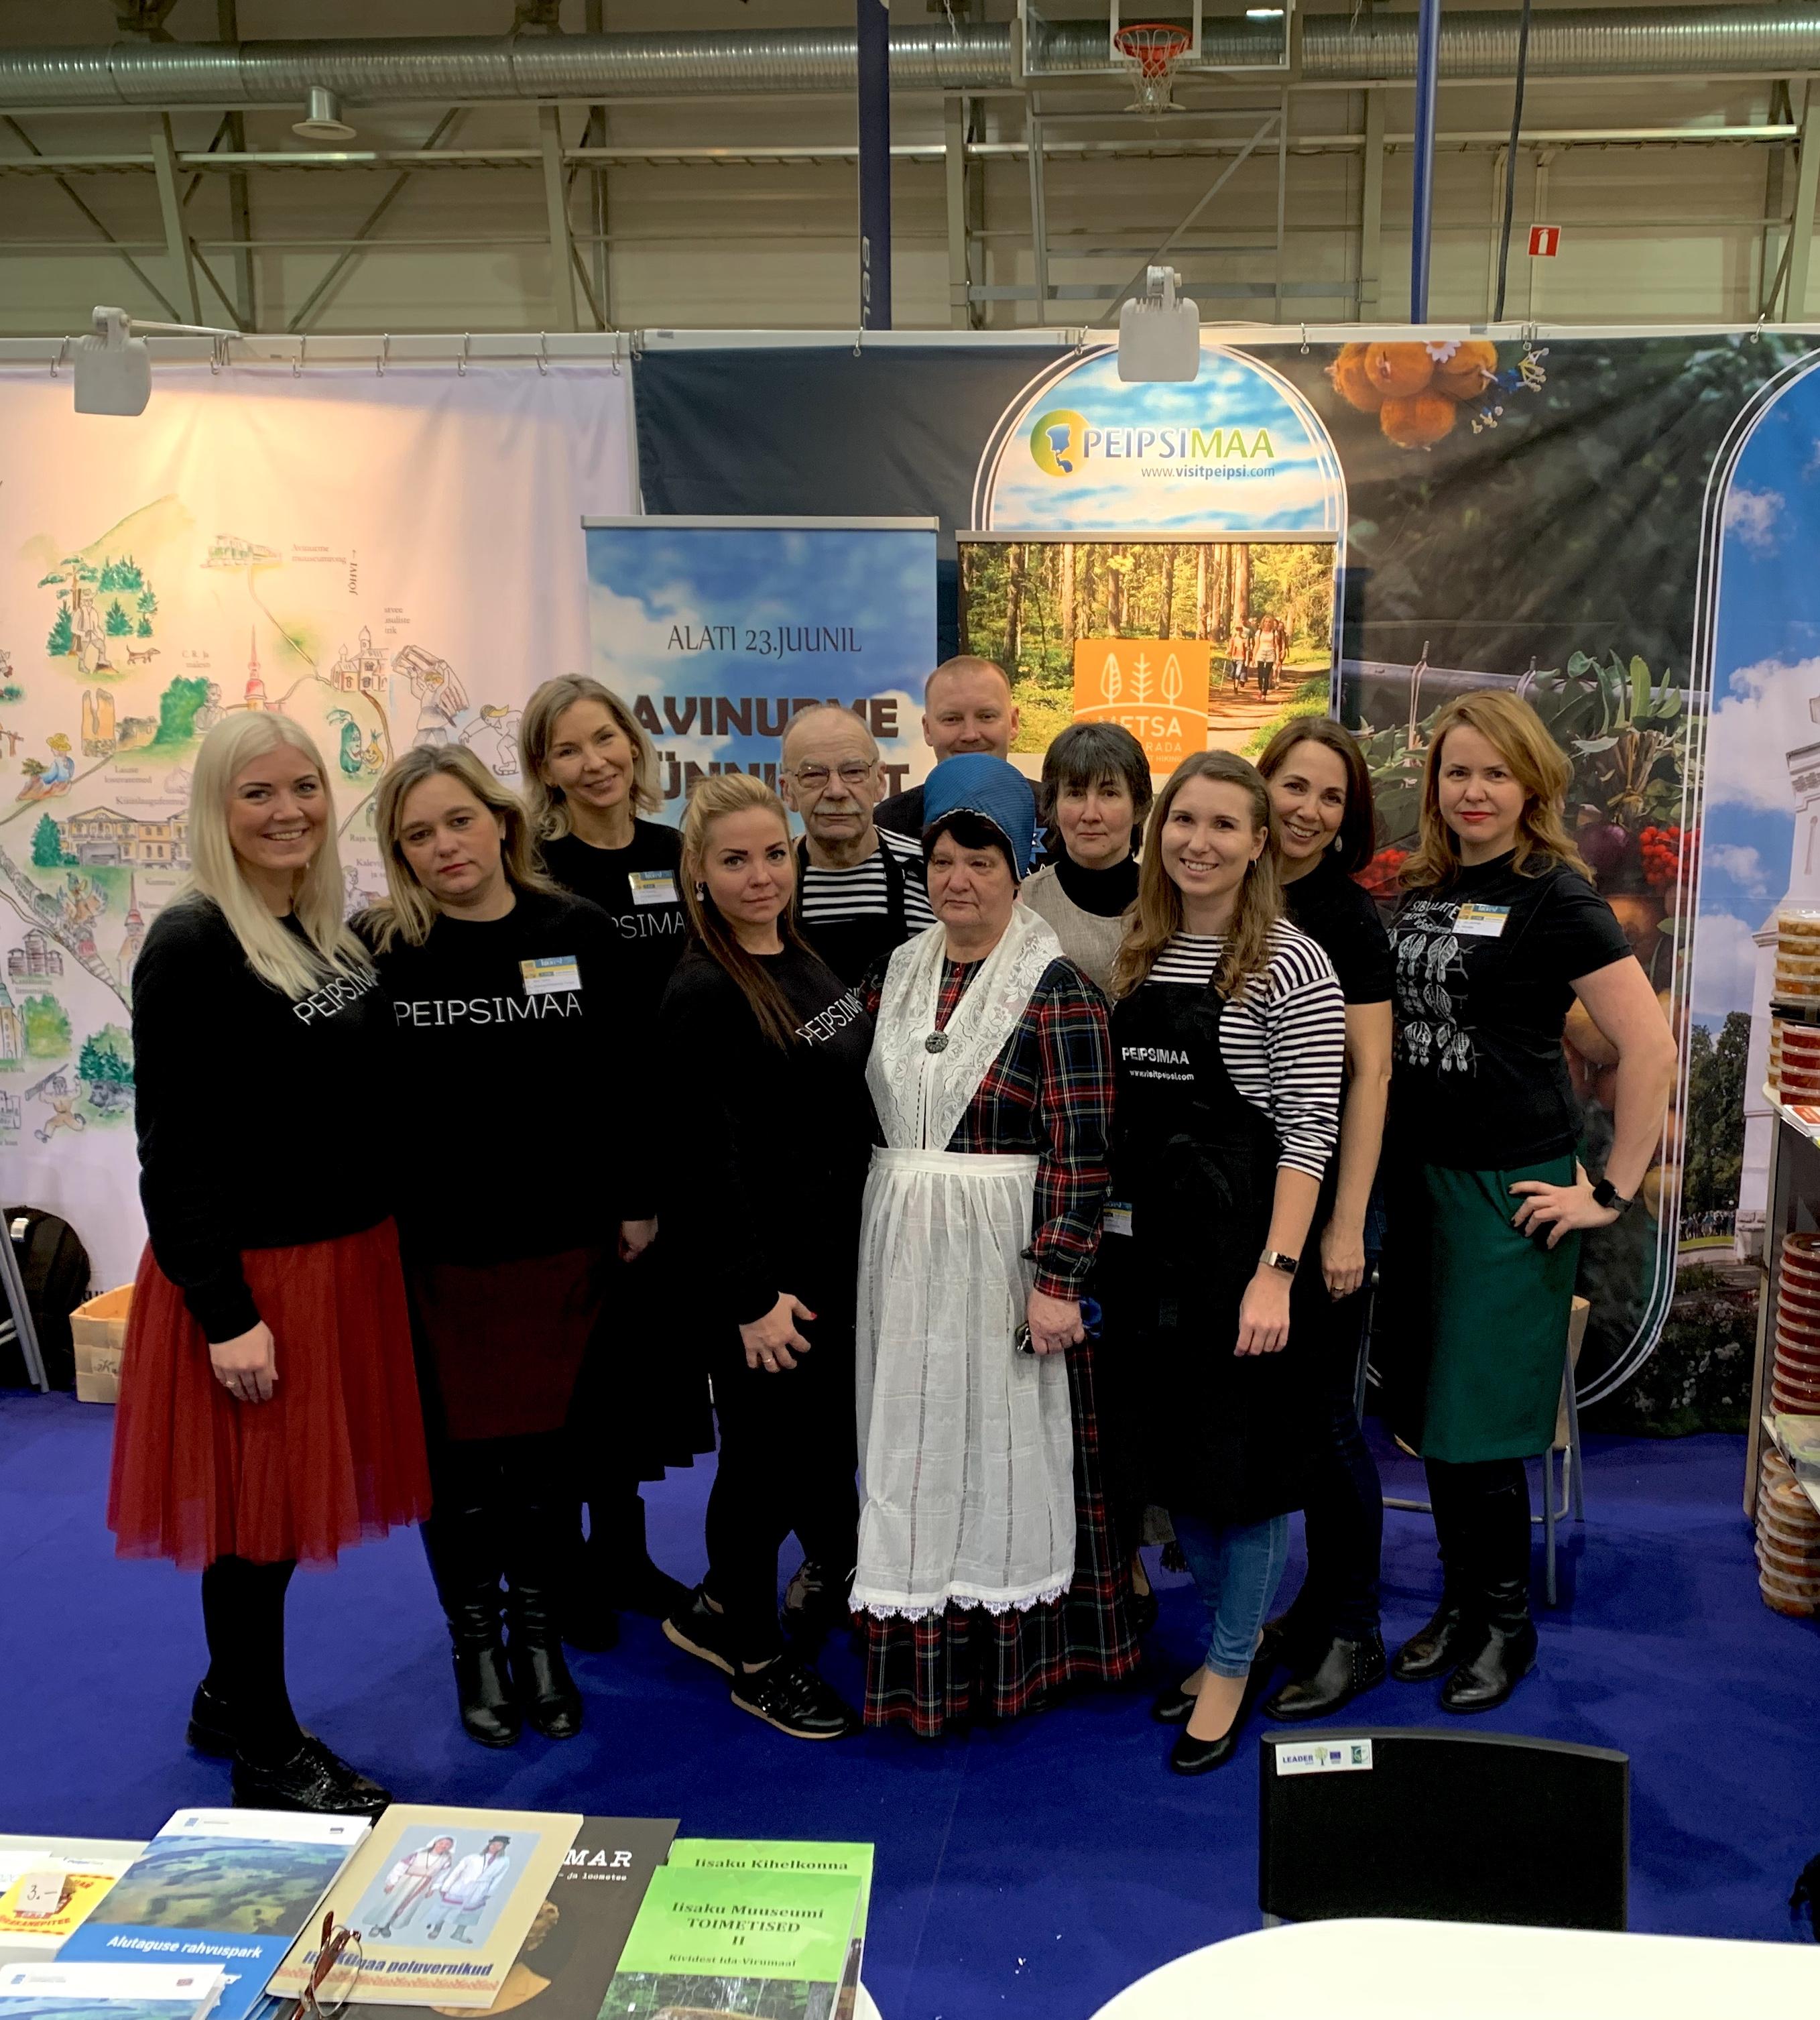 Peipsimaa koos Sibulateega kogusid tuntust Baltikumi turismimessidel